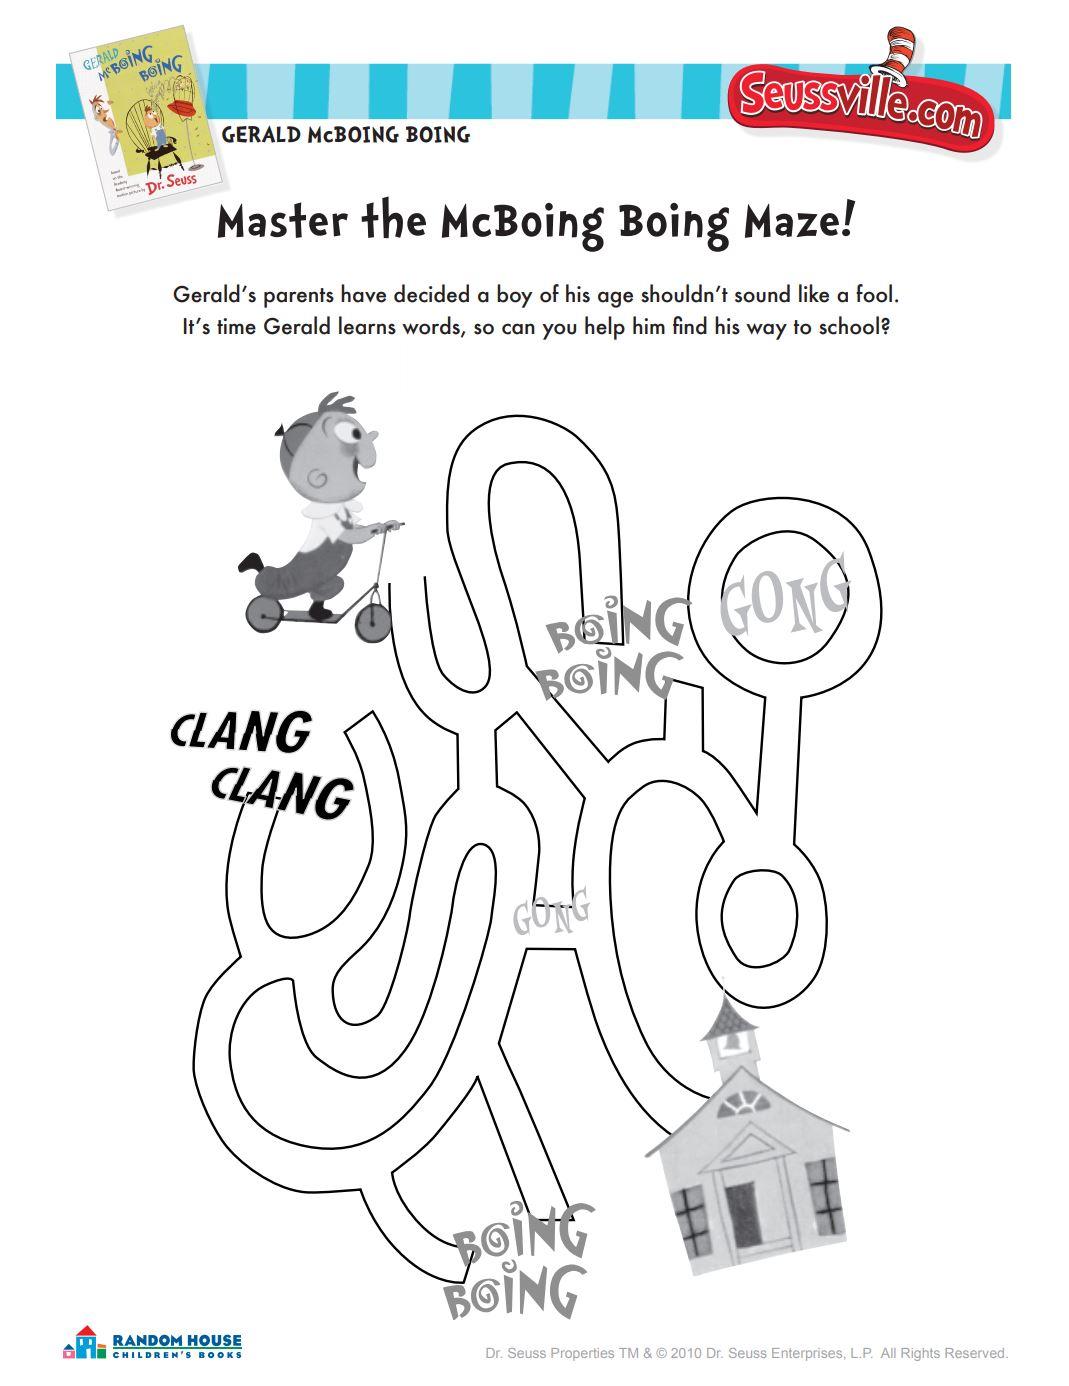 Master the McBoing Boing Maze!